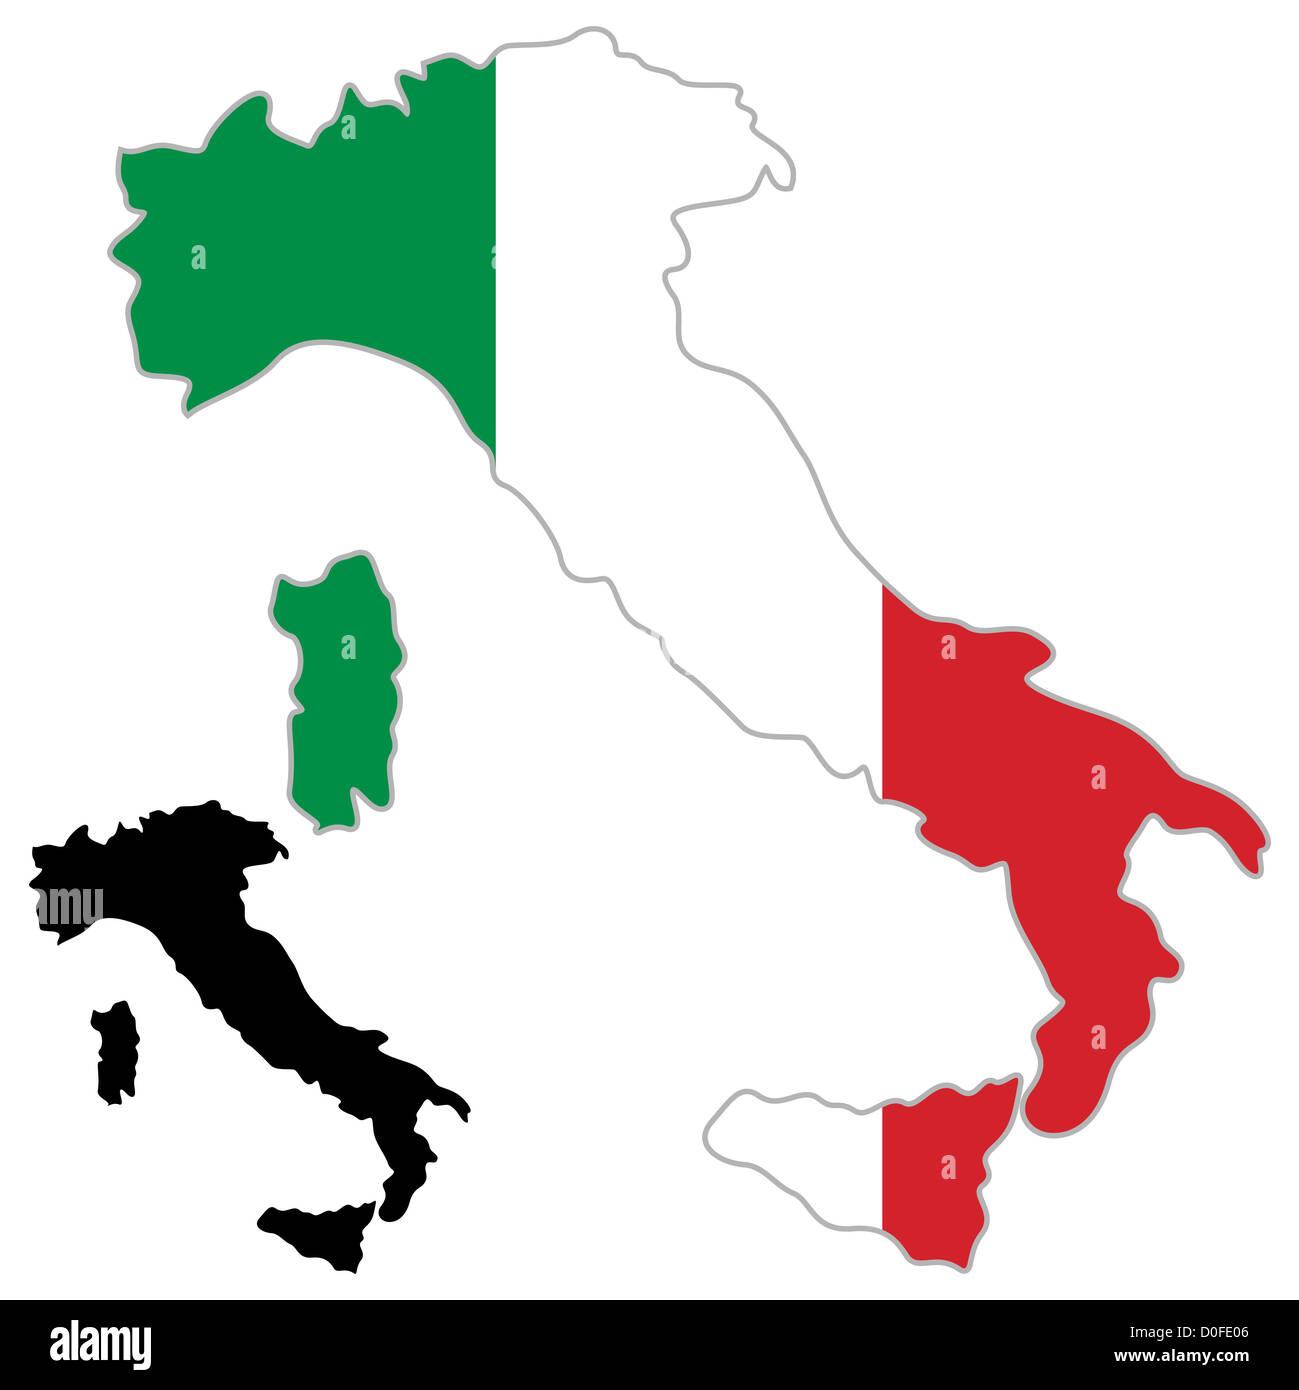 3dkarte Umriss Land Wie Ein Stiefel Und Flagge Von Italien